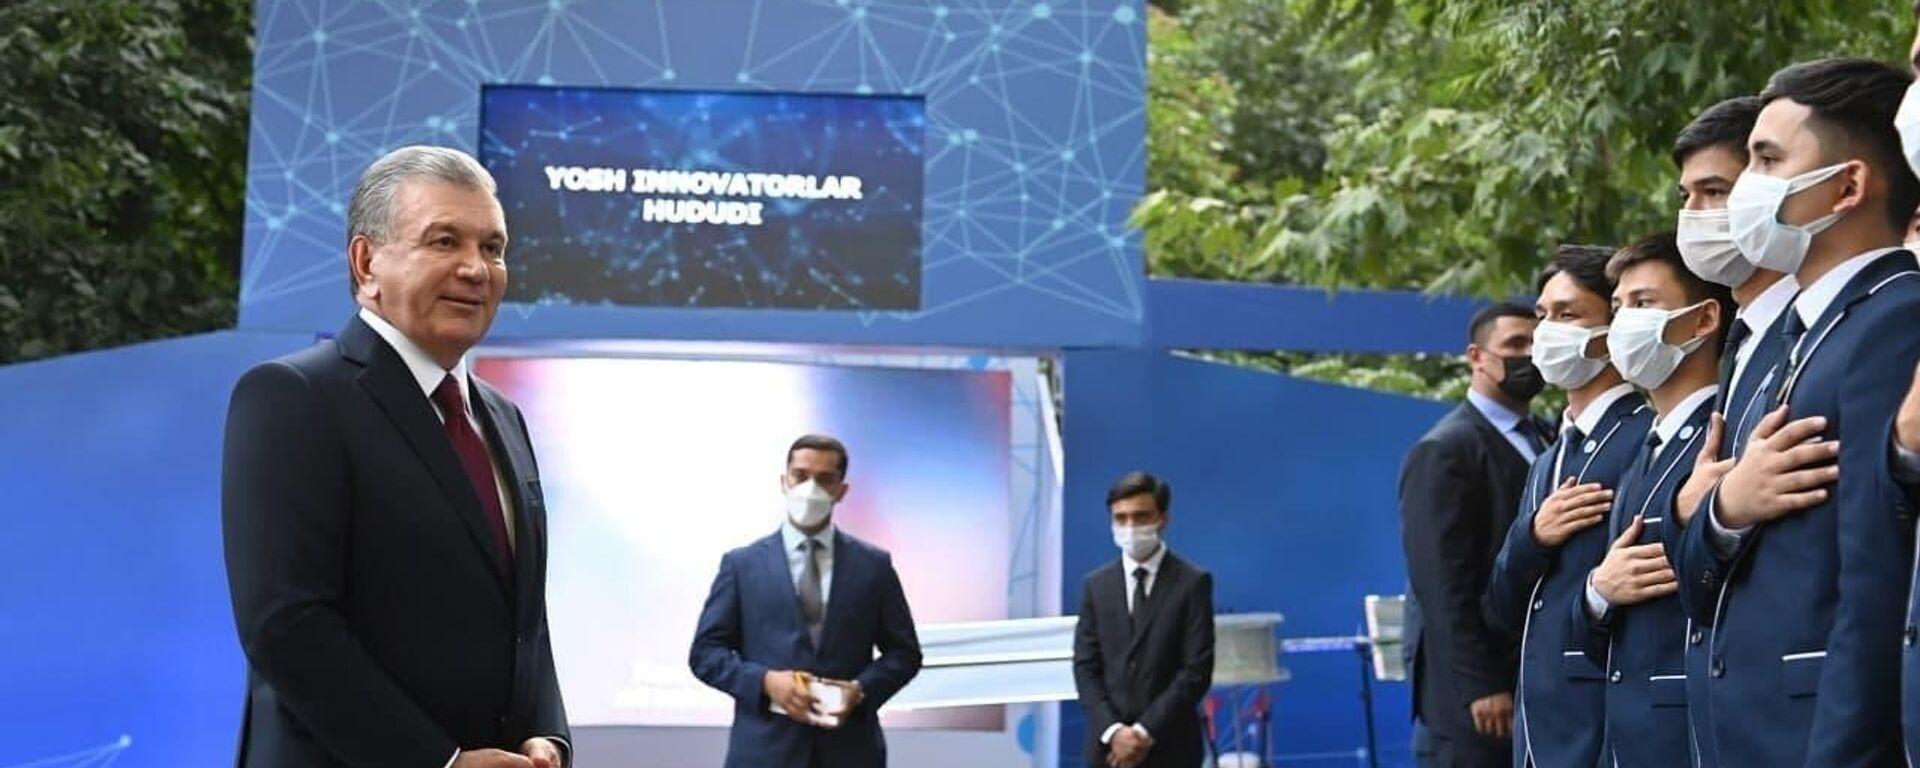 Шавкат Мирзиёев на Форуме молодежи и студентов - Sputnik Узбекистан, 1920, 30.06.2021